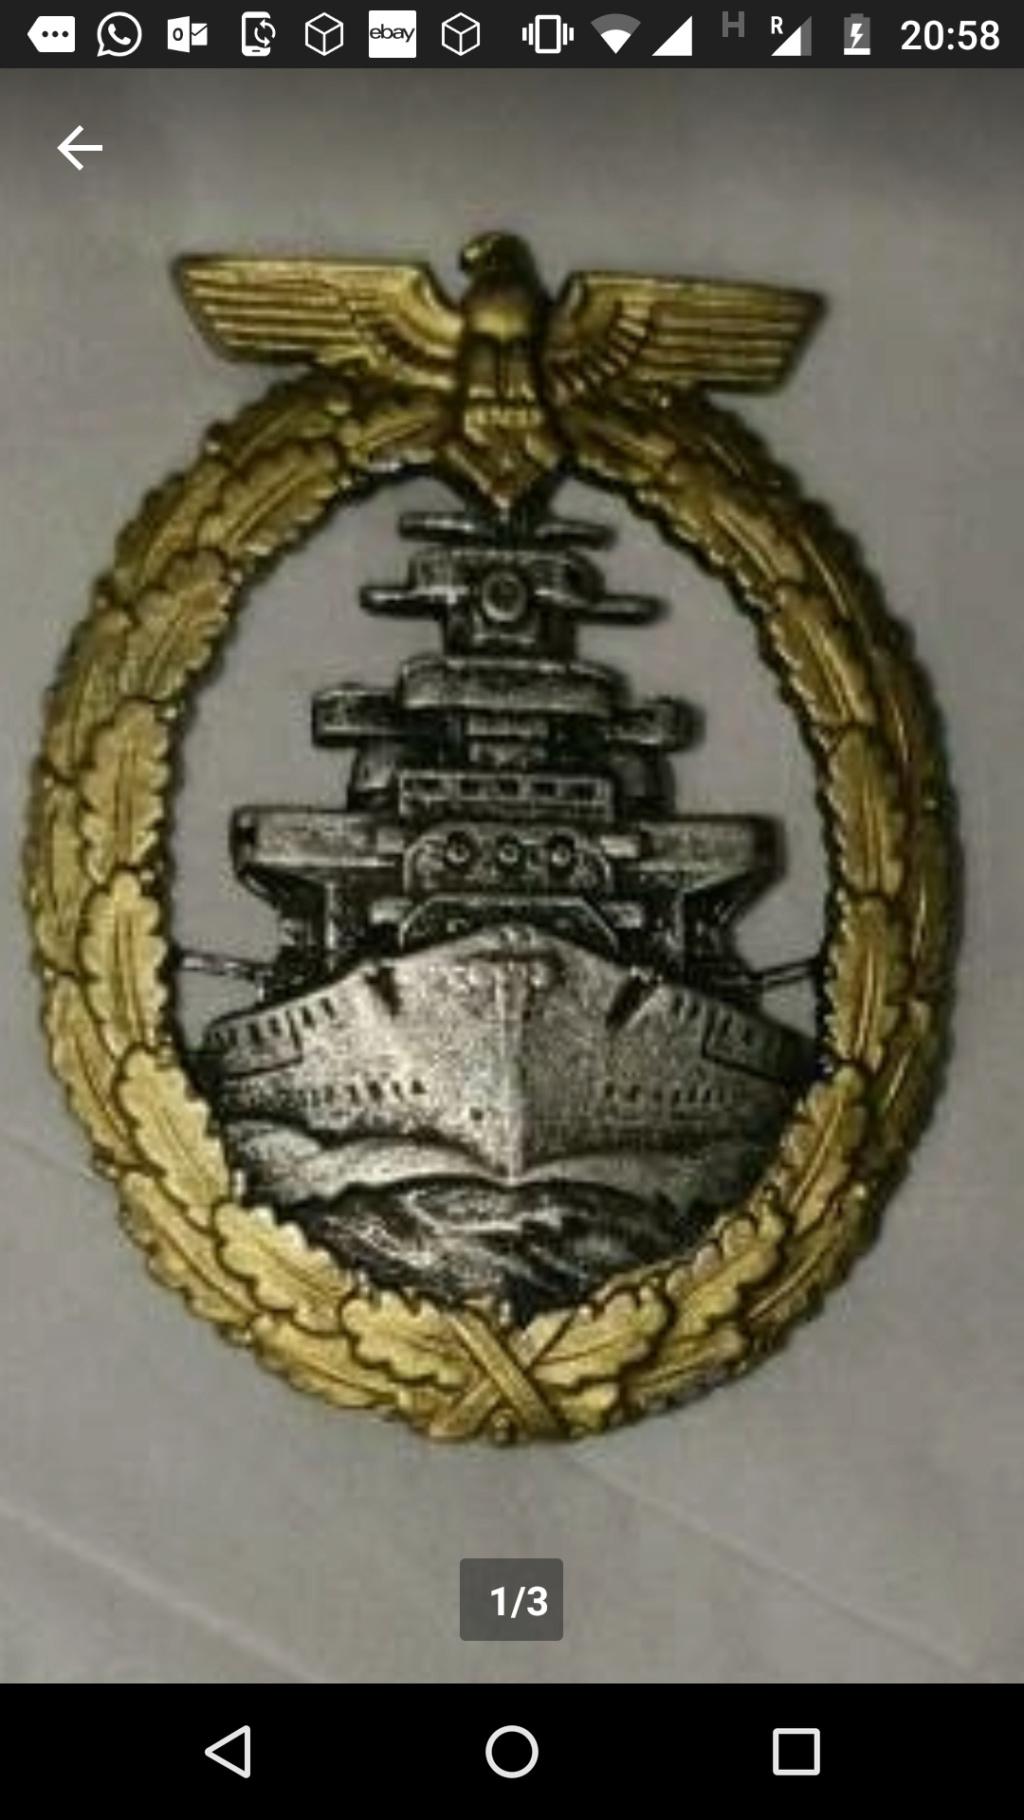 Authentification deux badges allemand... Screen51